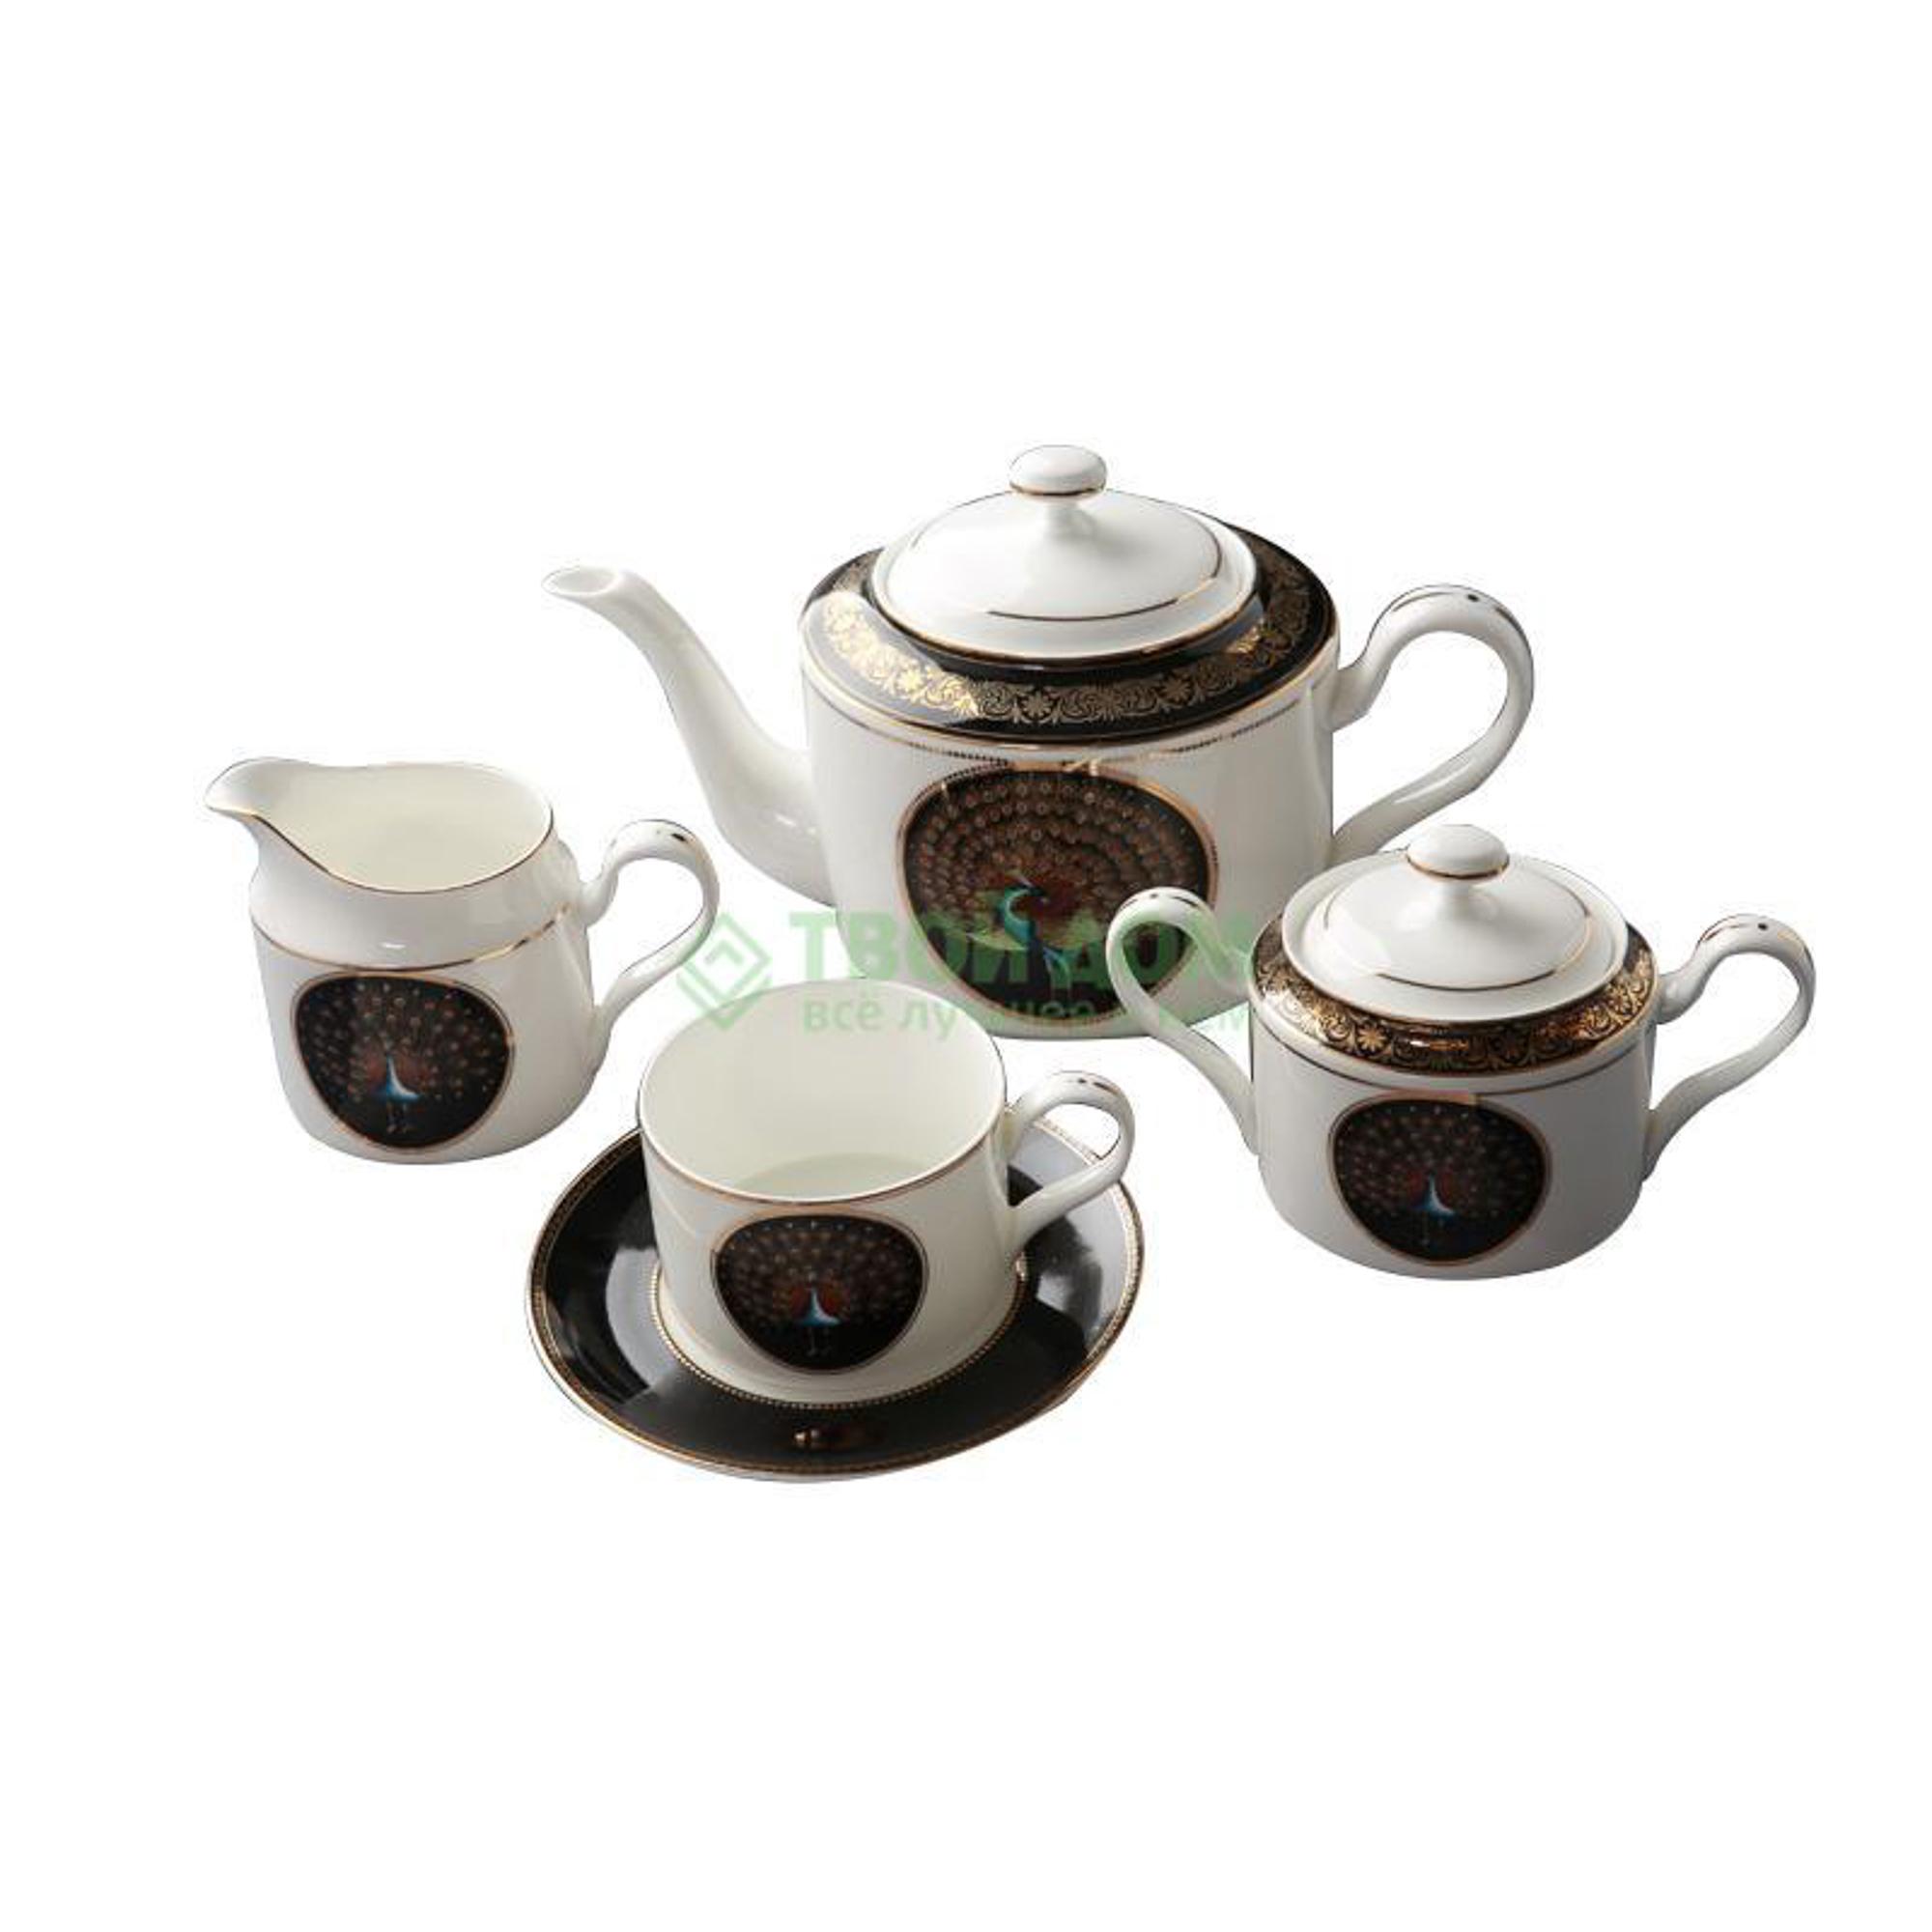 Набор чайный Топ арт студио Сервиз чайный 15пр, Персия блэк (YF1403-TA)